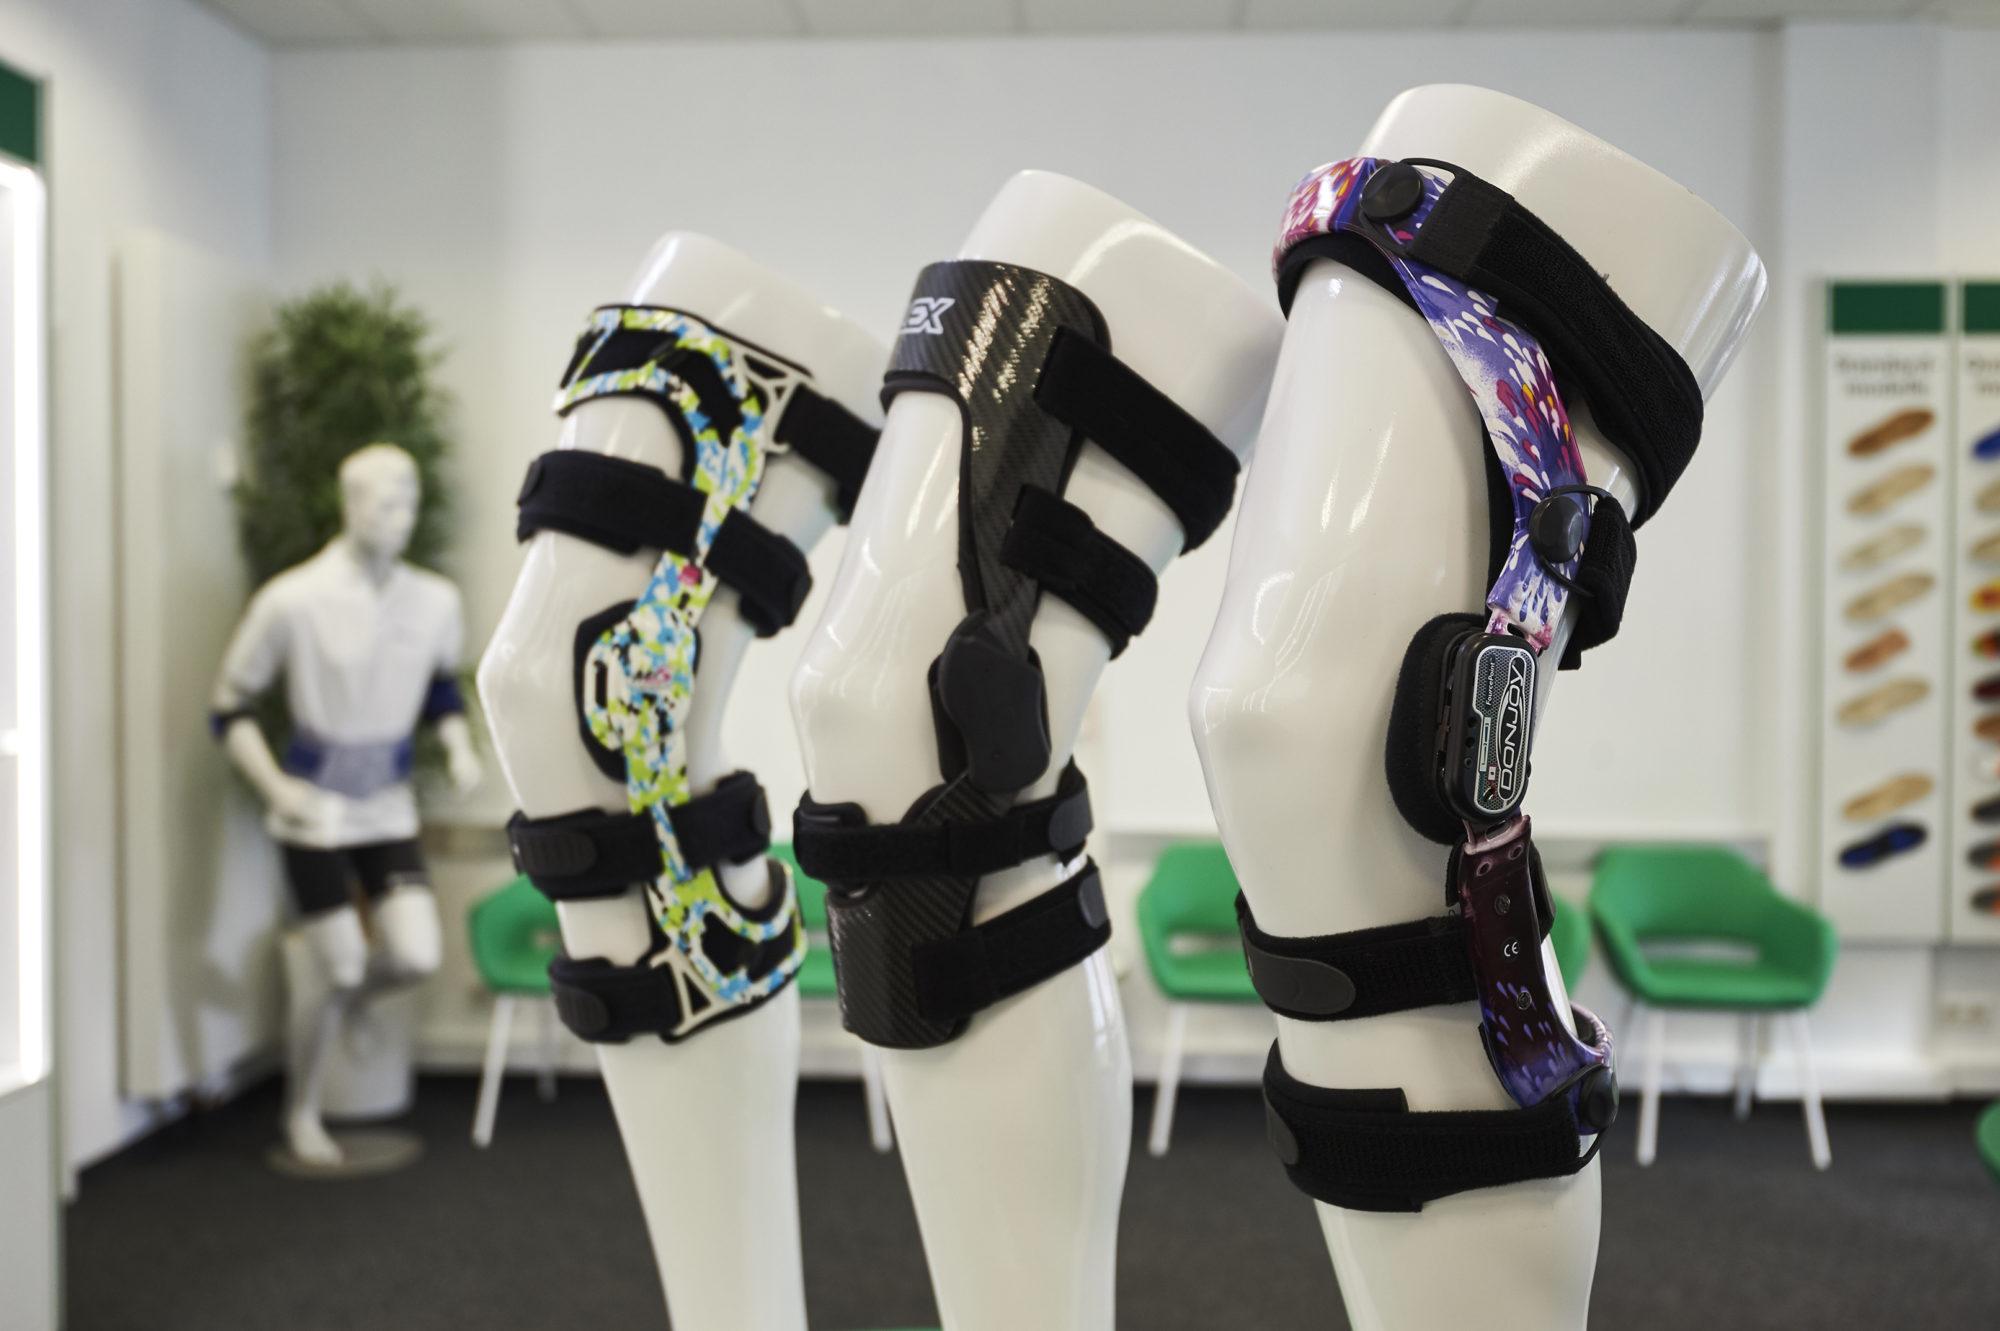 Manschetten für die Knie als ein Beispiel für Sport Orthopädie-Technik in Bremen beim Sanitätshaus Medisan GmbH